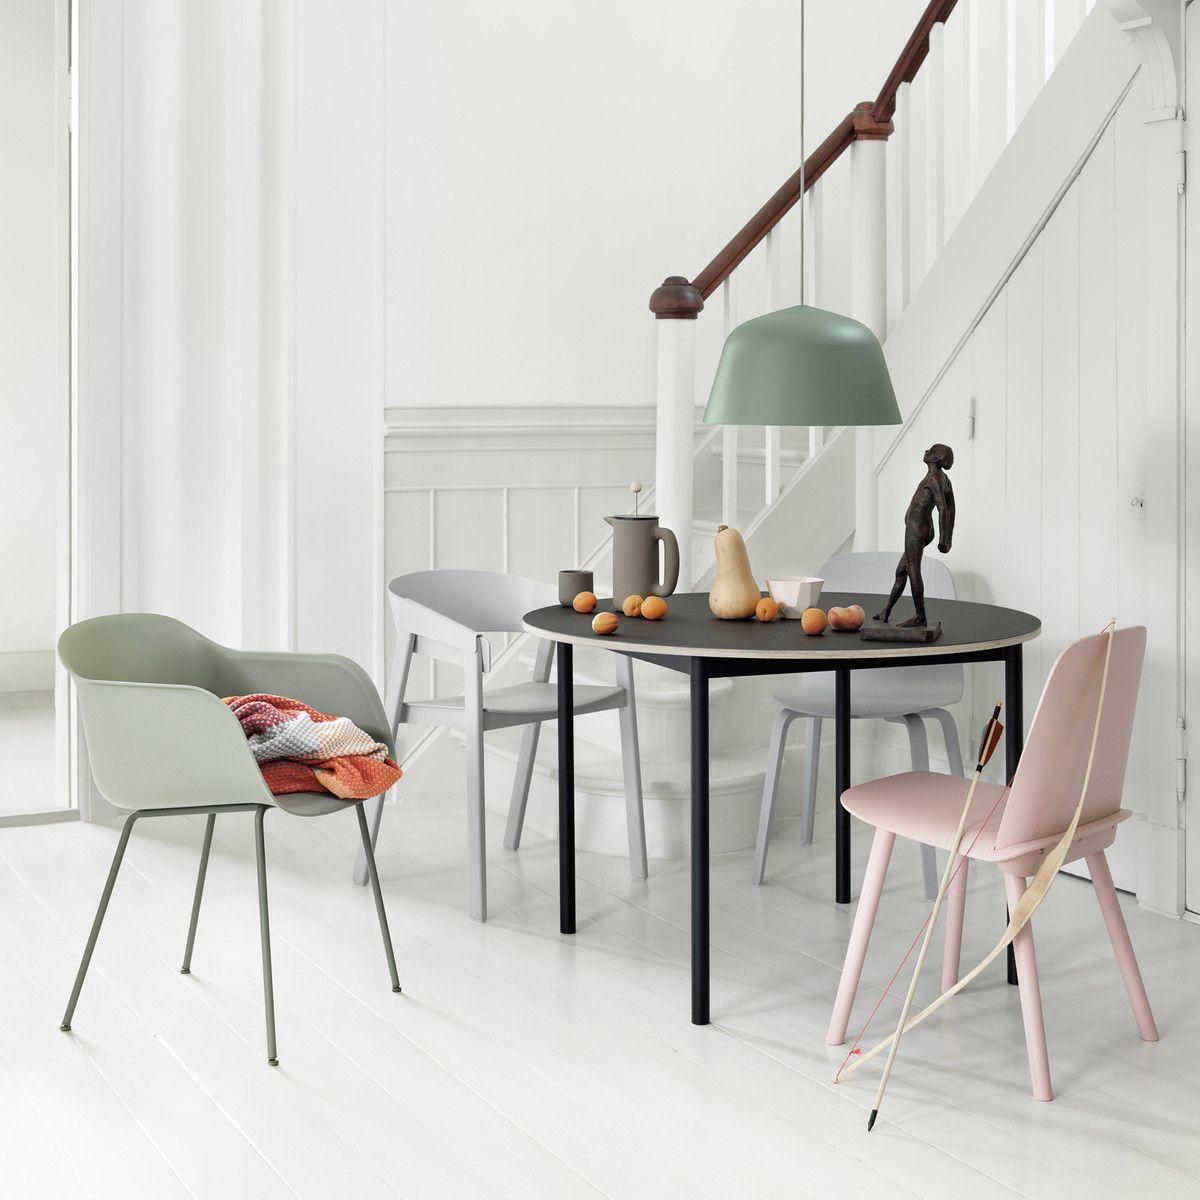 muuto base table rund diese tollen schlichten runden tisch gibt es in wei und schwarz. Black Bedroom Furniture Sets. Home Design Ideas